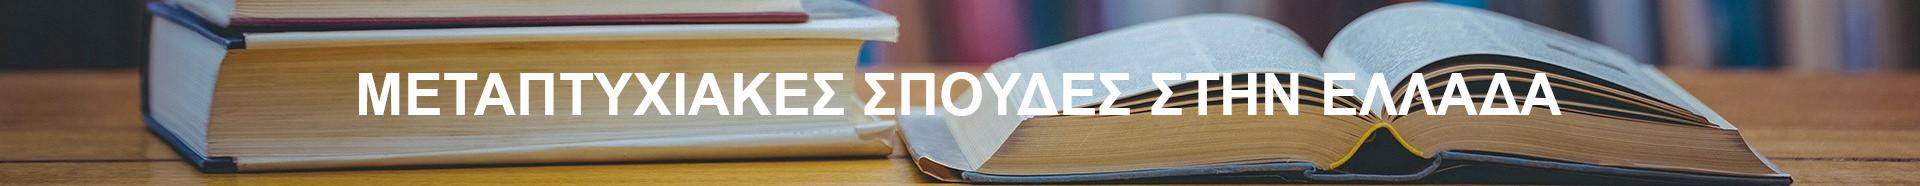 ΠΡΟΓΡΑΜΜΑΤΑ ΜΕΤΑΠΤΥΧΙΑΚΩΝ ΣΠΟΥΔΩΝ